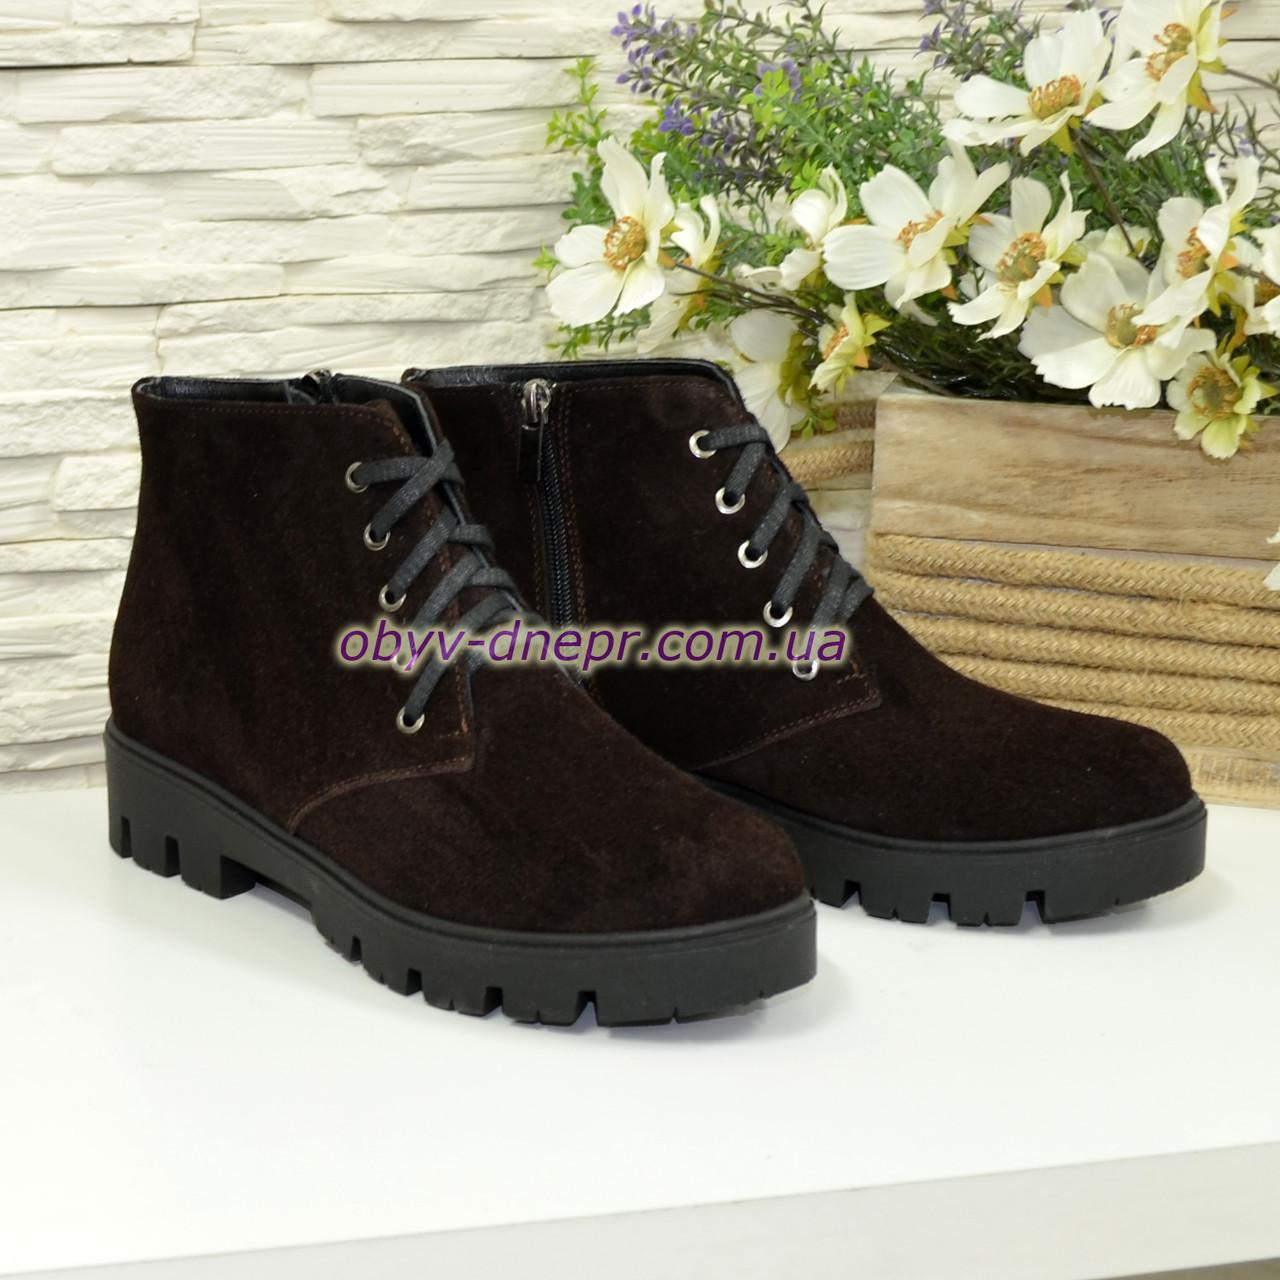 Черевики демісезонні жіночі замшеві на шнурівці, на товстій підошві, колір коричневий